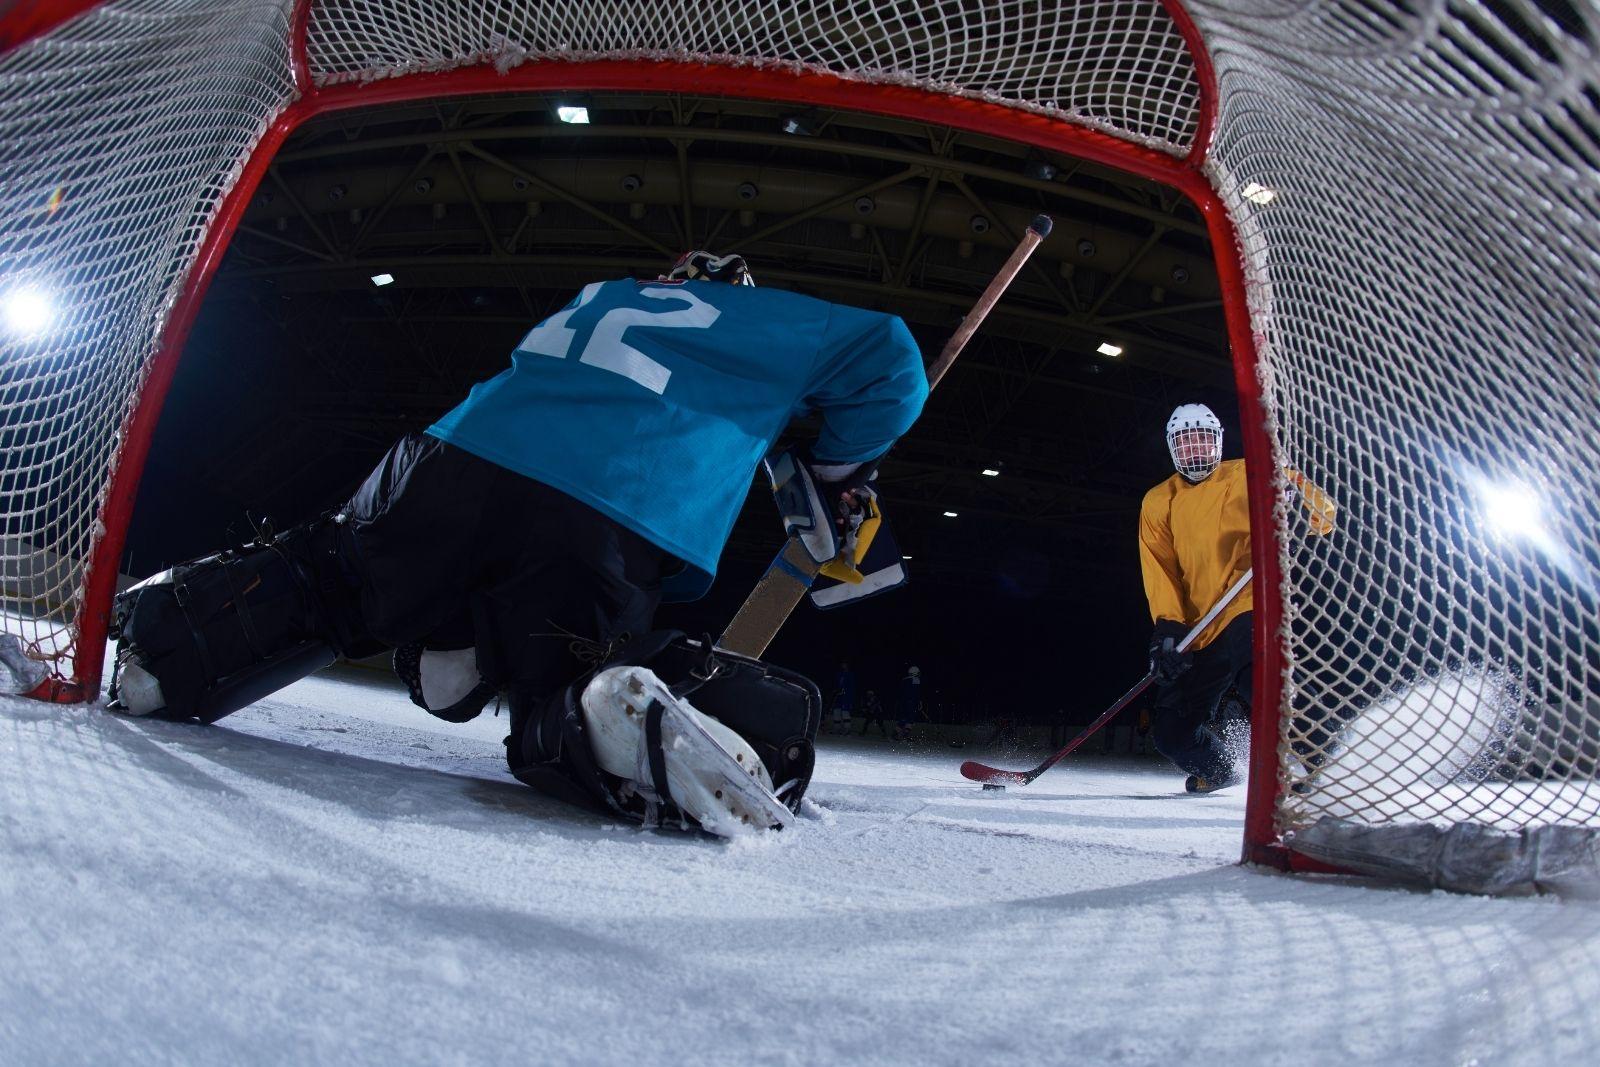 teach kids shoot hockey puck